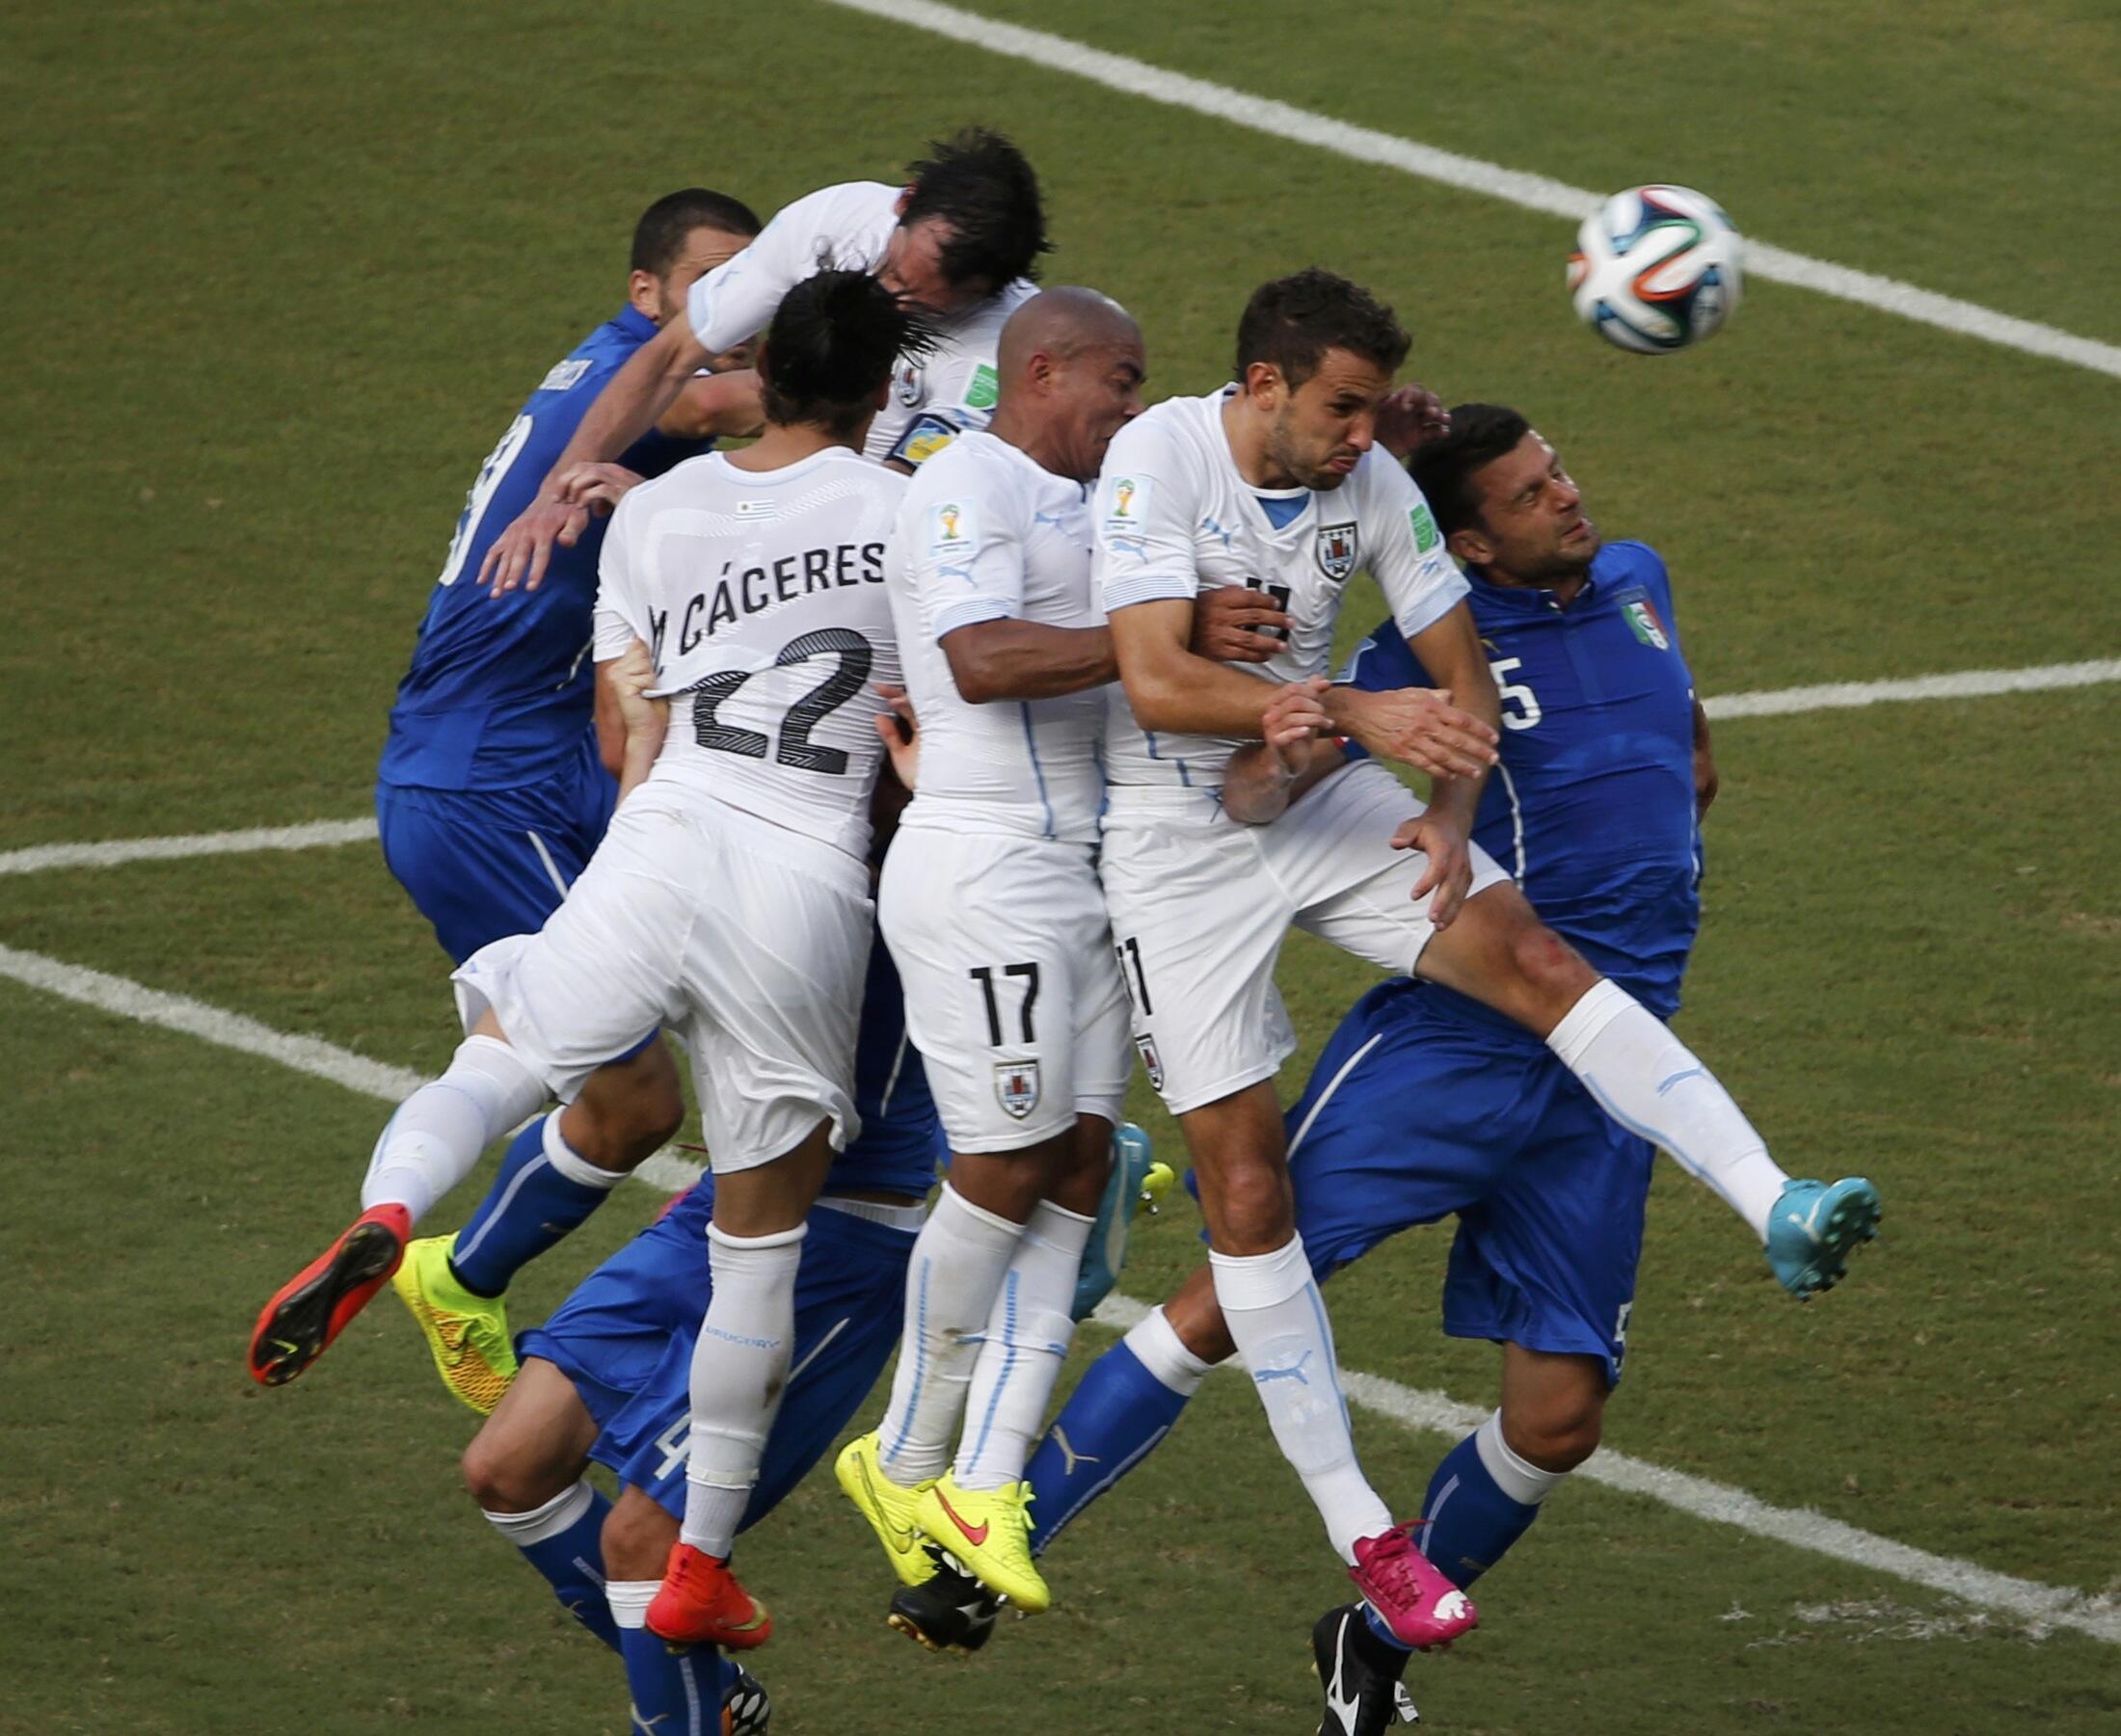 Cầu thủ Diego Godin dội bóng vào khung thành đối phương ở phút 82 - REUTERS /Carlos Barria